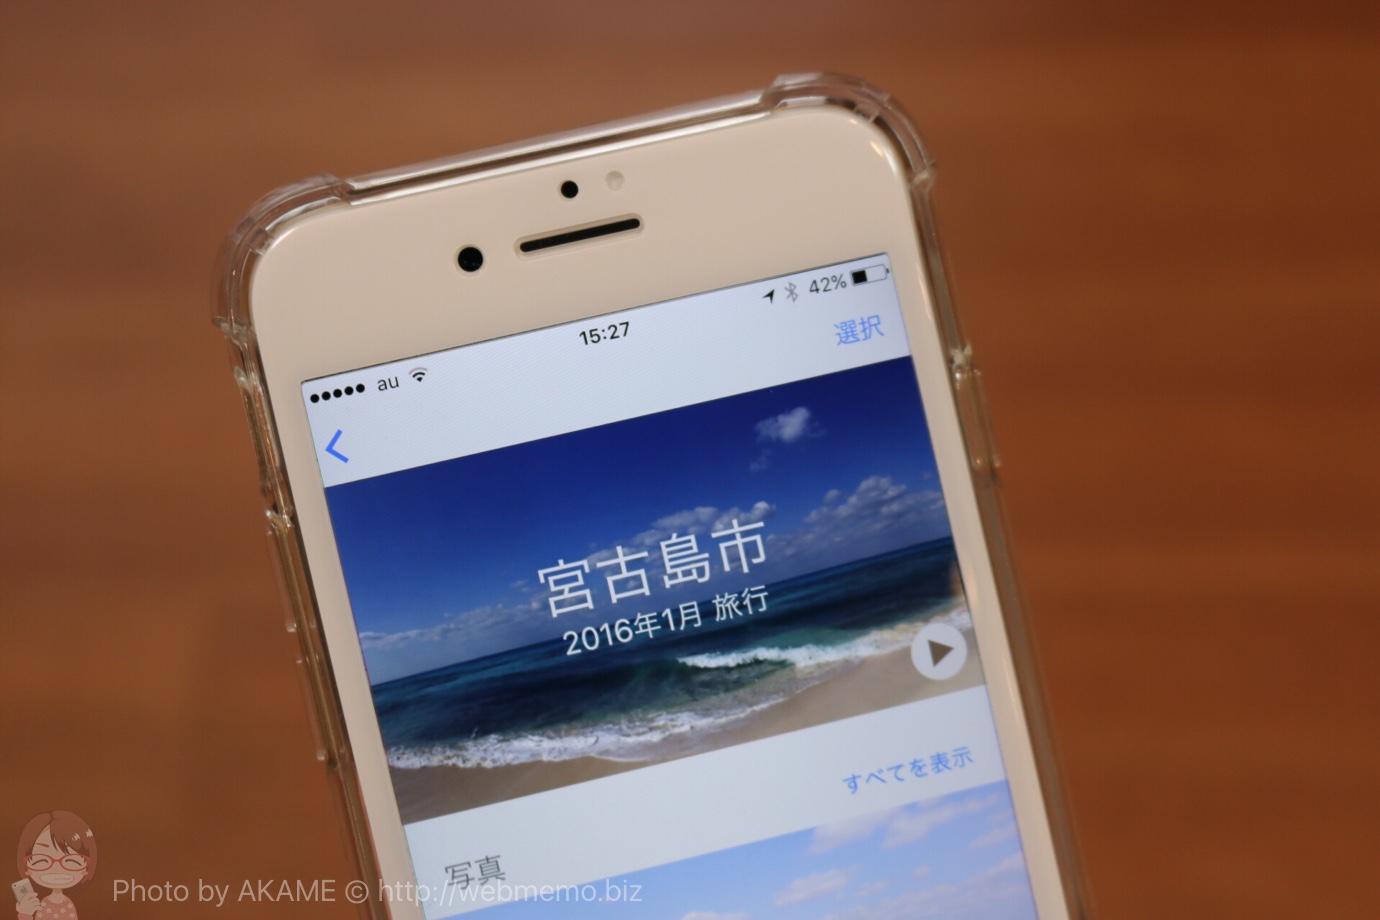 iOS10 メモリーで作成した動画を保存したりLINEで送る方法